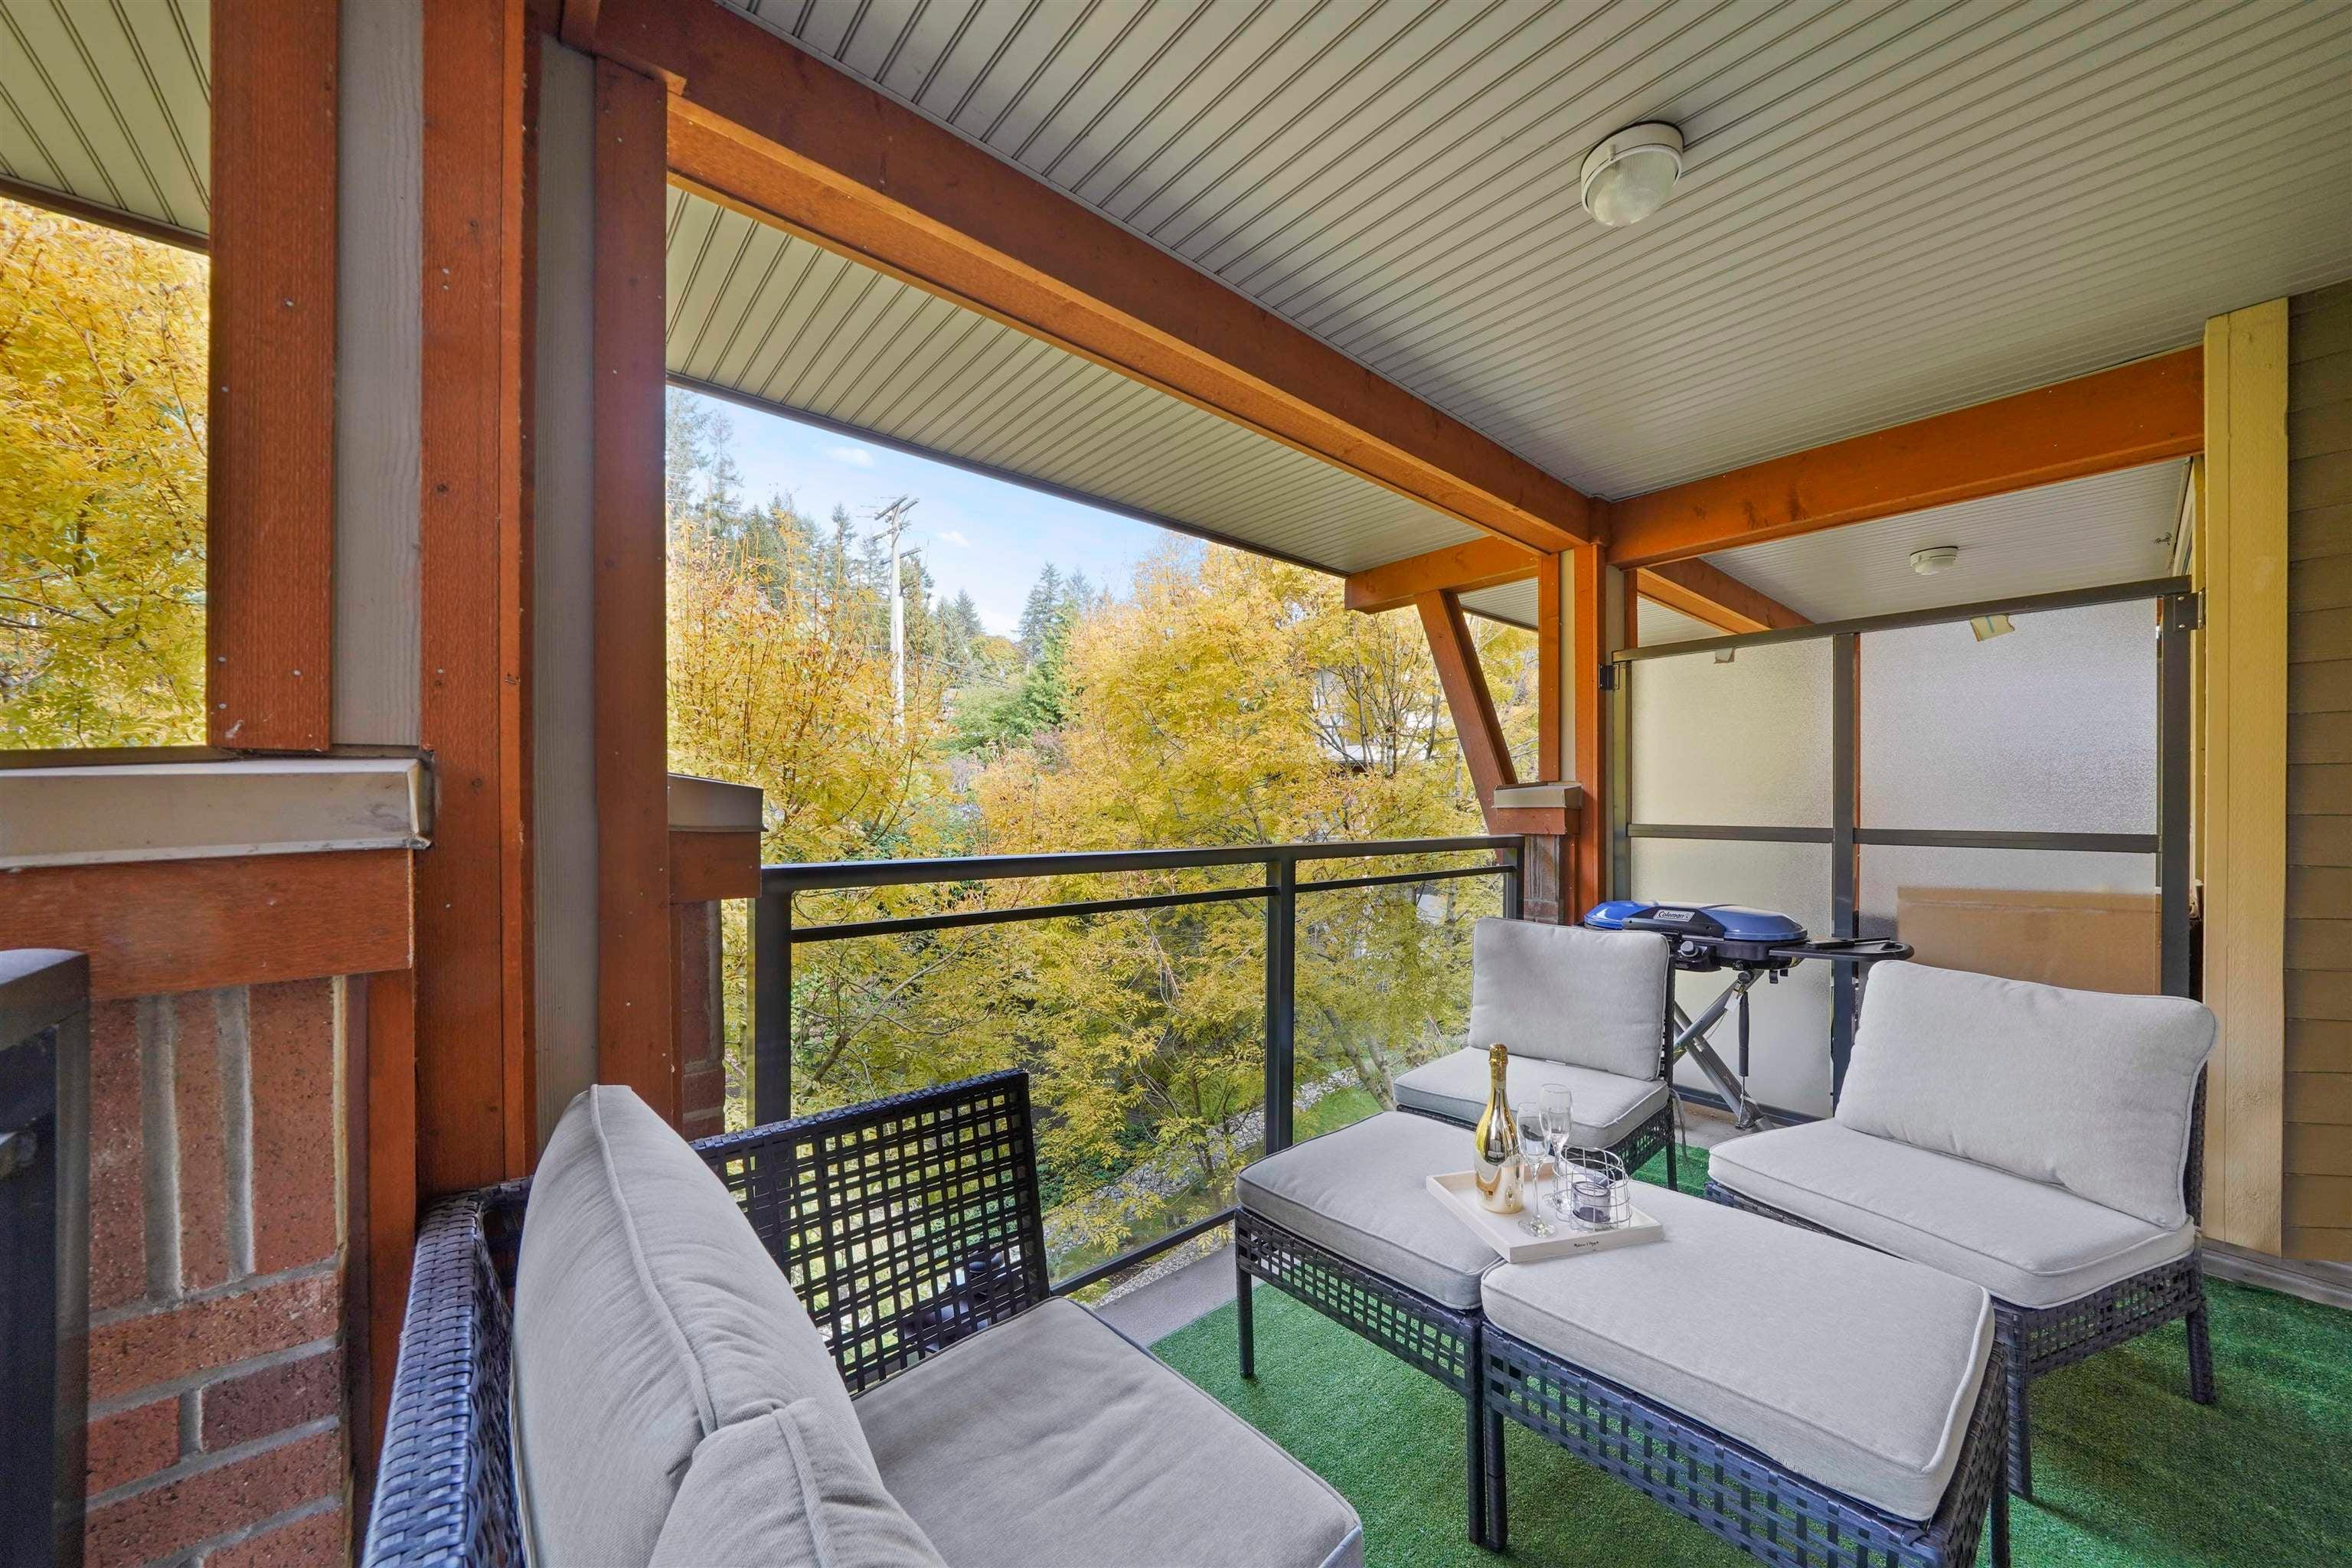 319 1633 MACKAY AVENUE - Pemberton NV Apartment/Condo for sale, 2 Bedrooms (R2624916) - #13